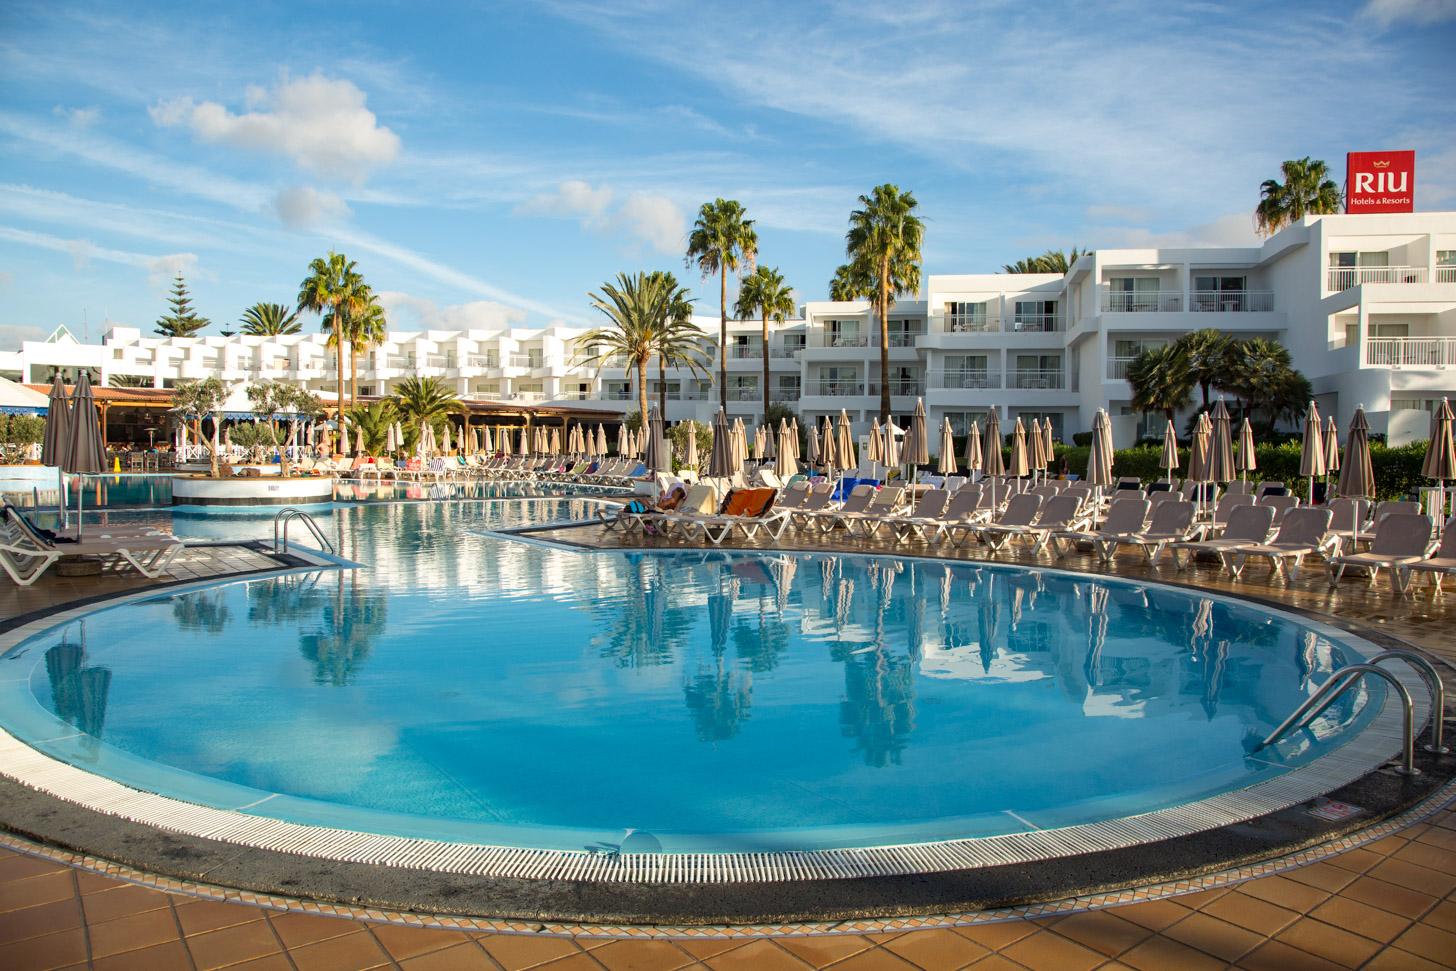 RIU hotel op Lanzarote